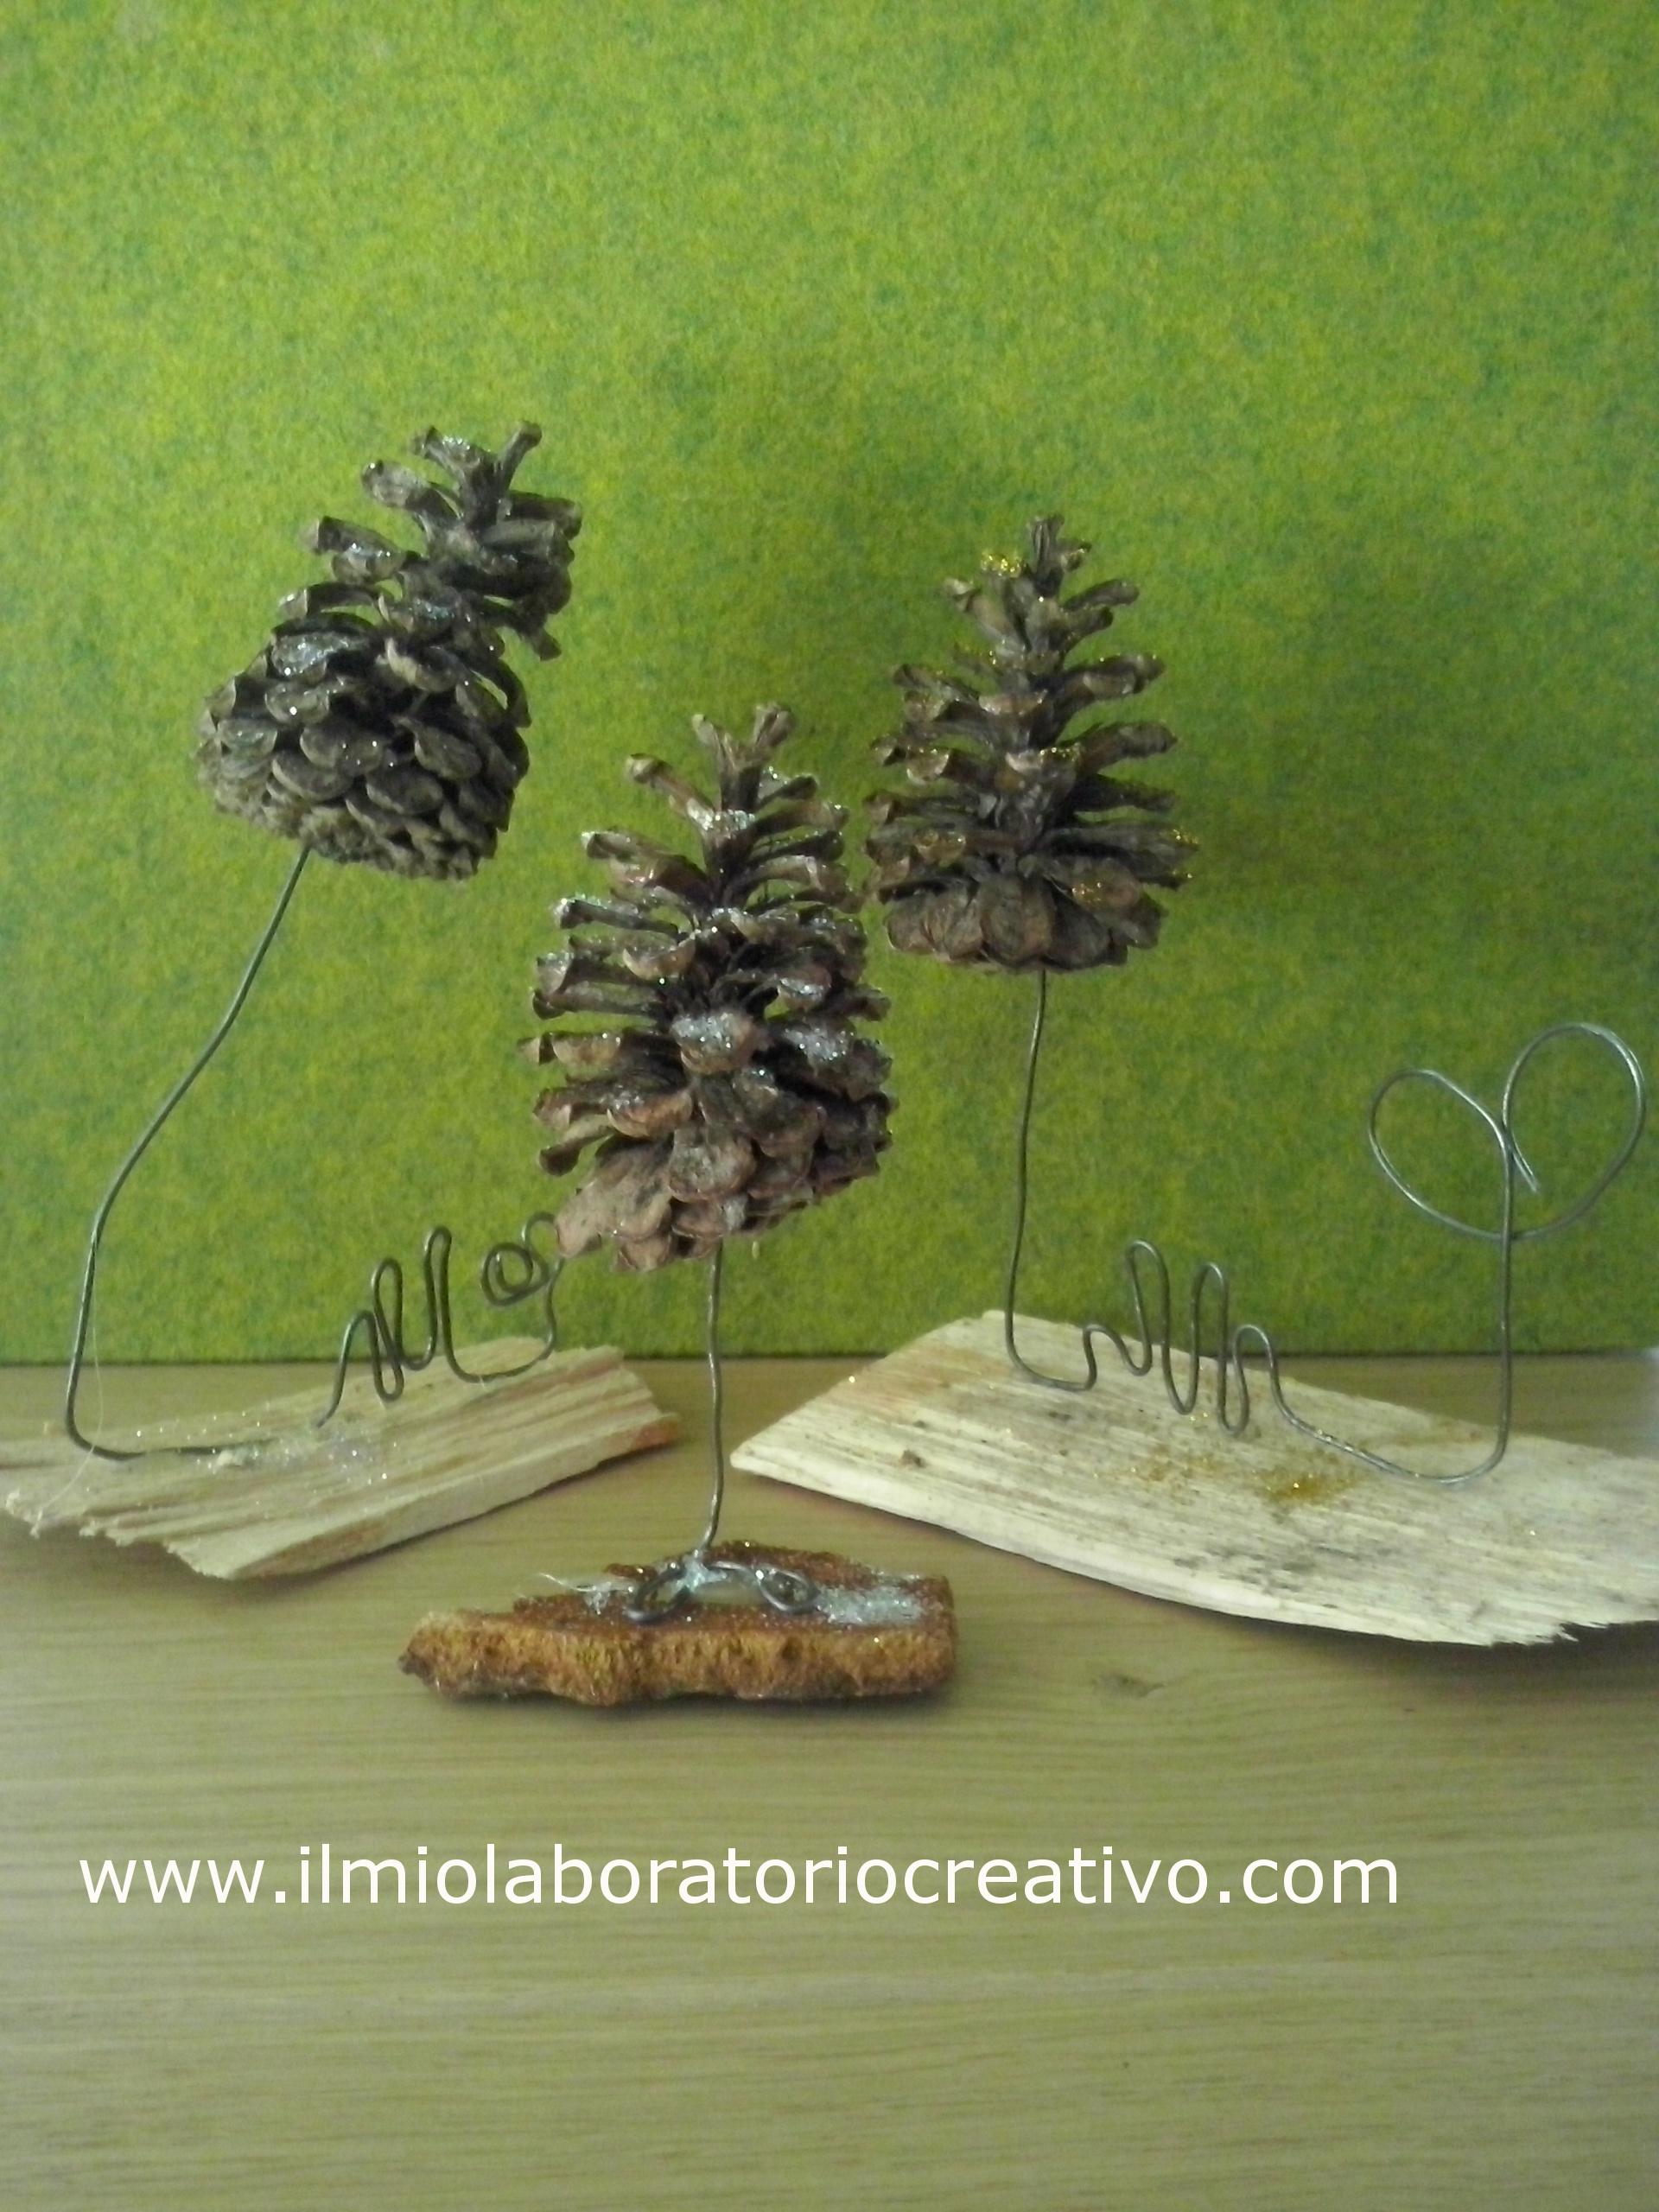 idee creative per natale…..con materiali naturali e fil di ferro